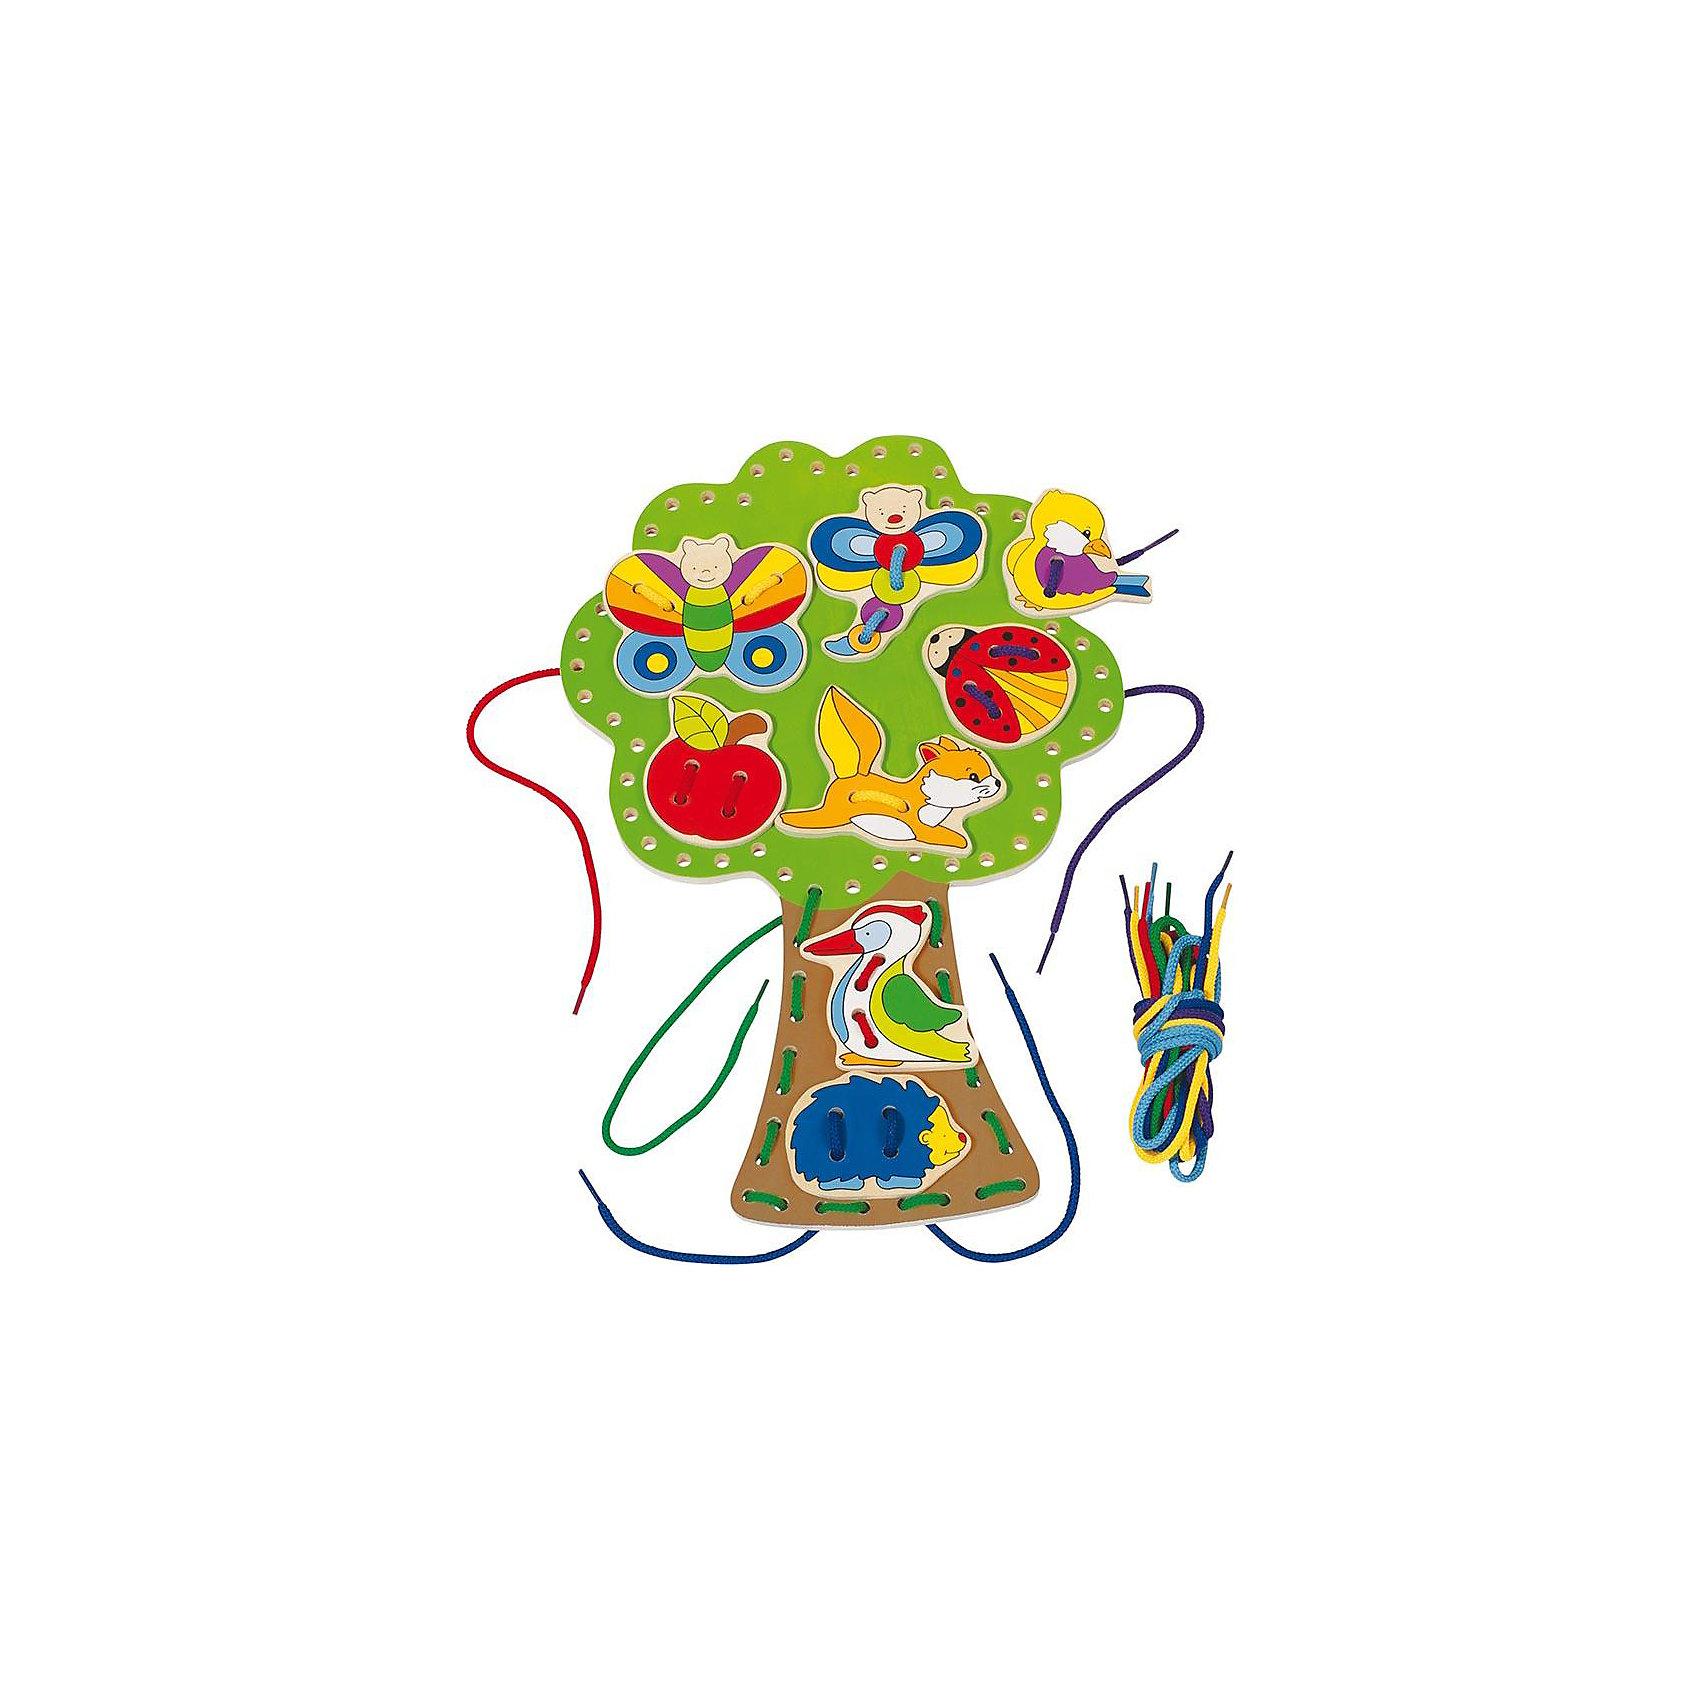 Шнуровка Дерево, gokiХарактеристики товара:<br><br>- цвет: разноцветный;<br>- материал: дерево;<br>- размер: 24х36 см;<br>- вес: 430 г;<br>- развивающая.<br><br>Детская яркая шнуровка – отличный подарок для ребенка. В процессе игры с ней ребенок развивает моторику, тактильное восприятие, воображение, внимание и координацию движений. Игрушка придумана для того, чтобы малыш мог также быстрее научиться шнуровать обувь самостоятельно. <br>Такая игрушка позволит малышу с детства развивать цветовосприятие, также она помогает детям научиться фокусировать внимание. Изделие произведено из качественных материалов, безопасных для ребенка.<br><br>Шнуровку Дерево от бренда GOKI можно купить в нашем интернет-магазине.<br><br>Ширина мм: 240<br>Глубина мм: 360<br>Высота мм: 10<br>Вес г: 430<br>Возраст от месяцев: 36<br>Возраст до месяцев: 72<br>Пол: Унисекс<br>Возраст: Детский<br>SKU: 5155325